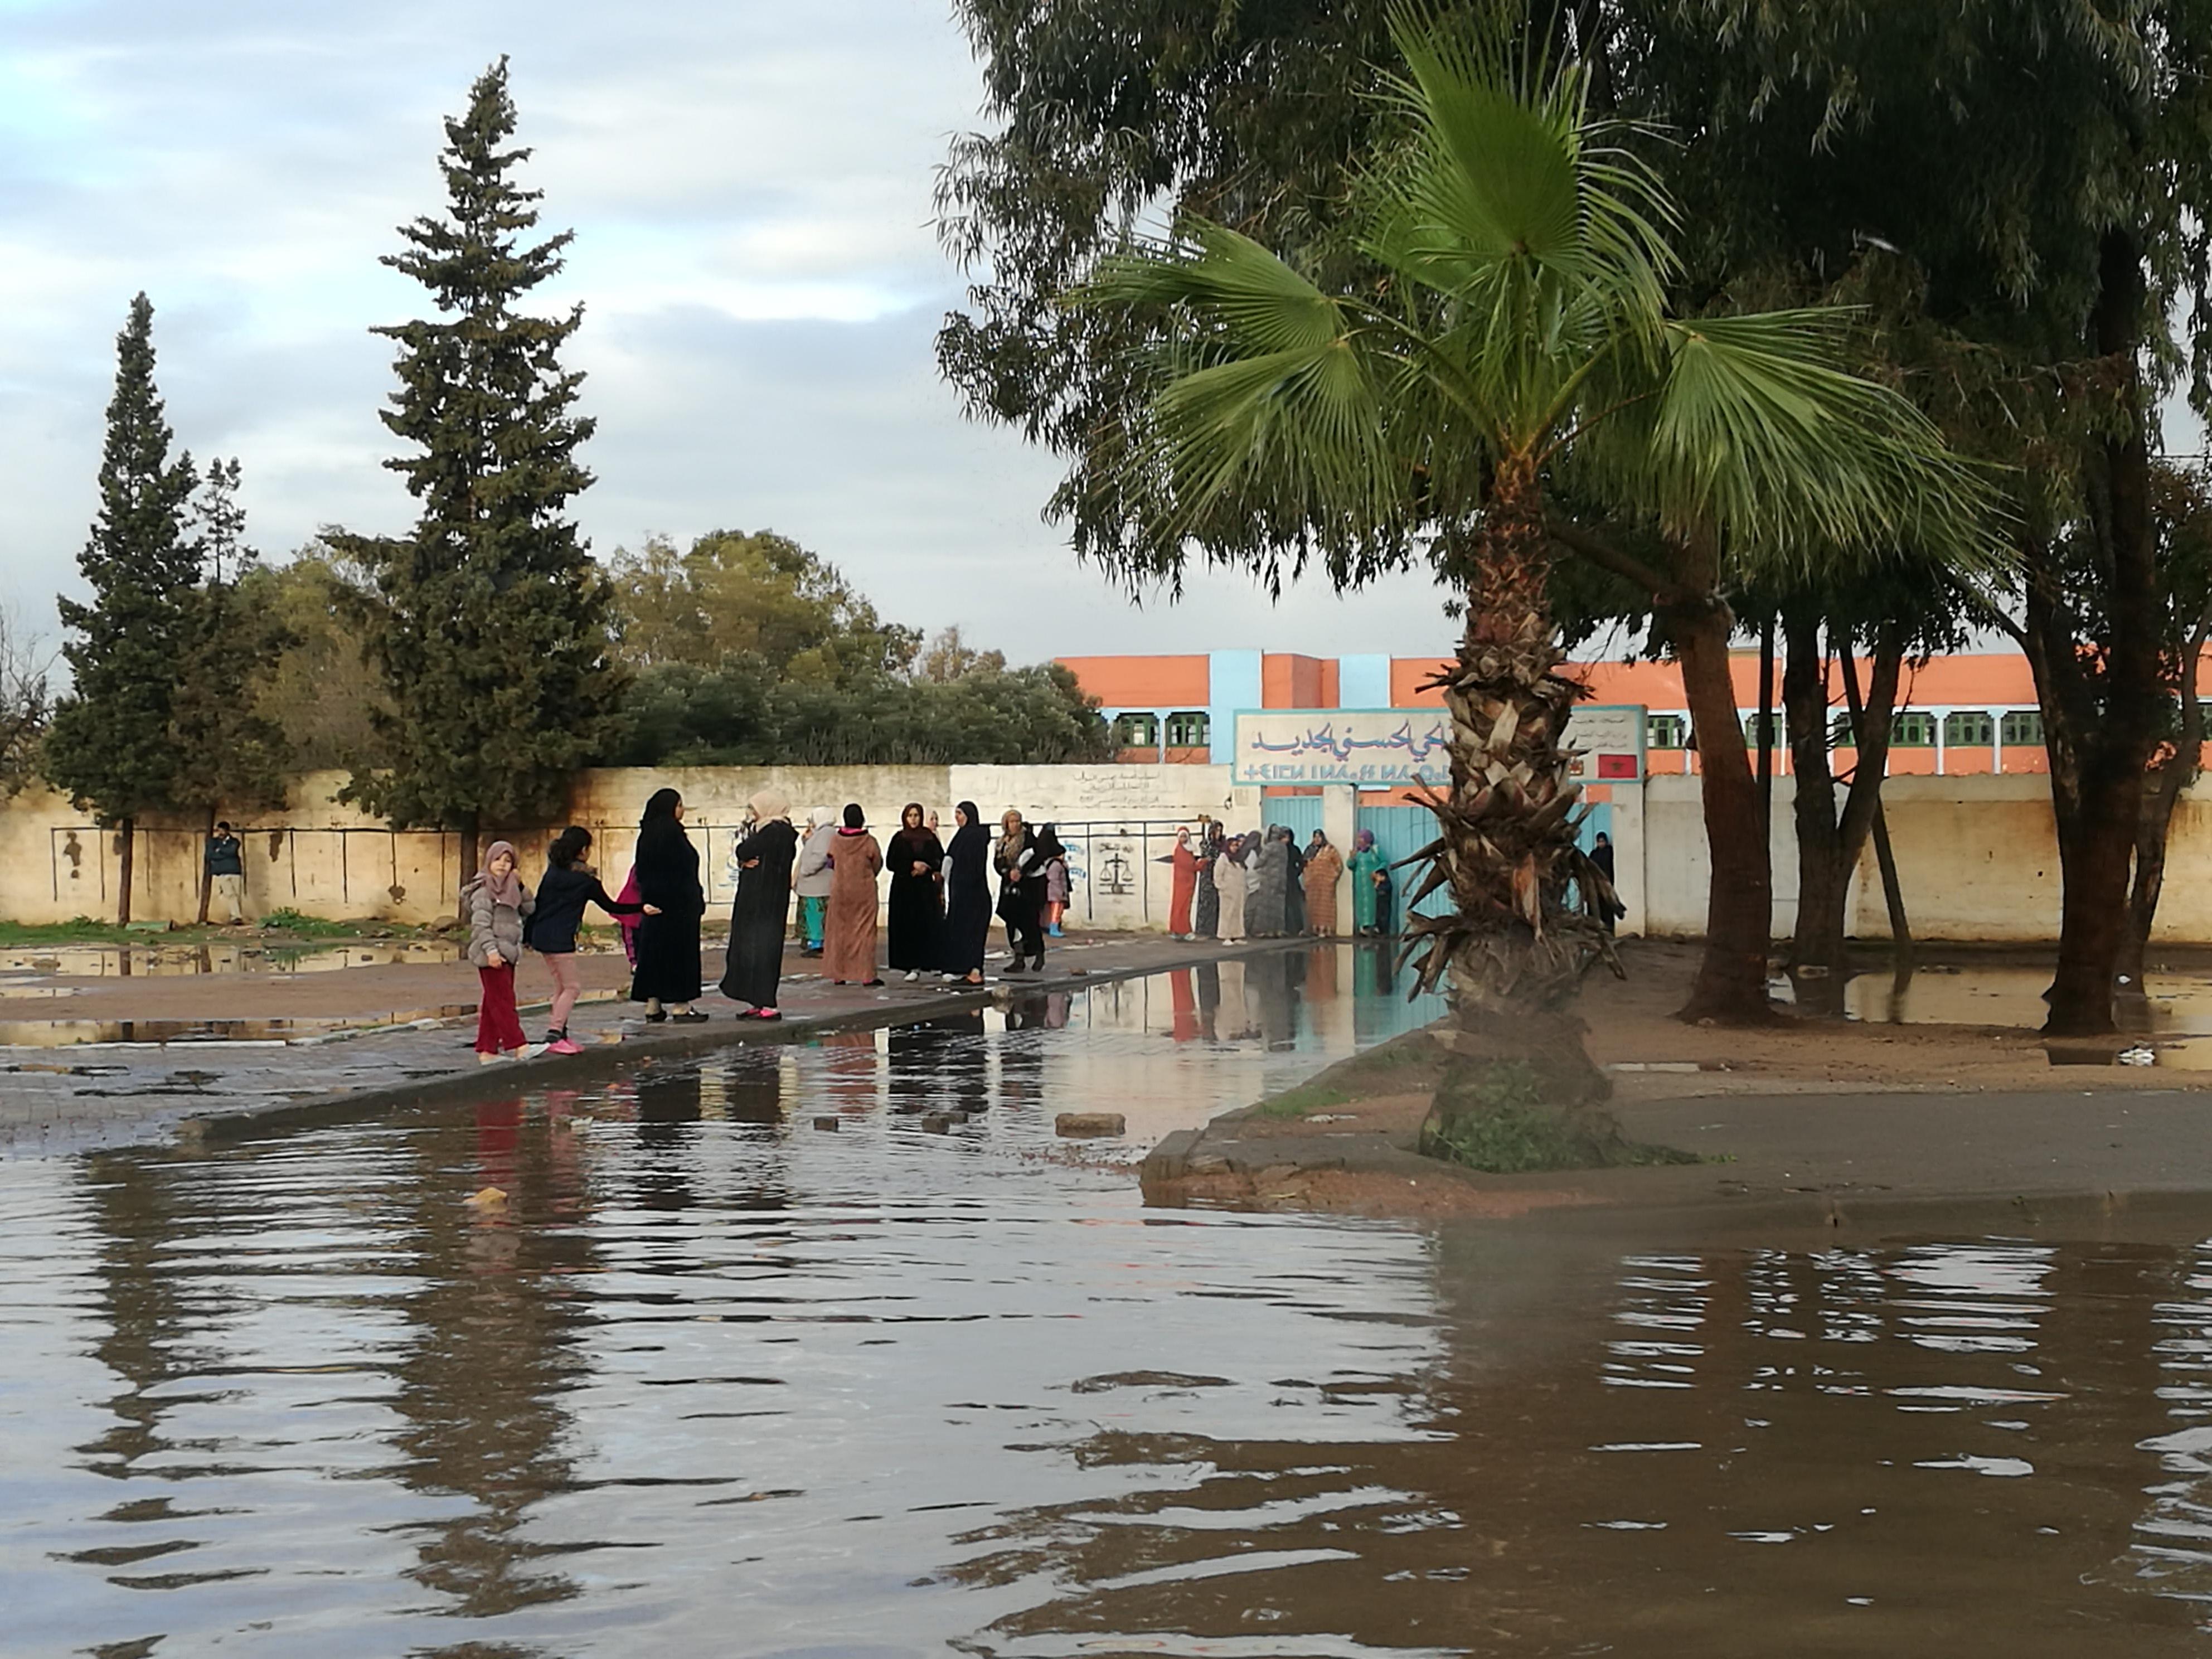 مياه الأمطار والواد الحار تغرقان سكان الحي الحسني ببرشيد